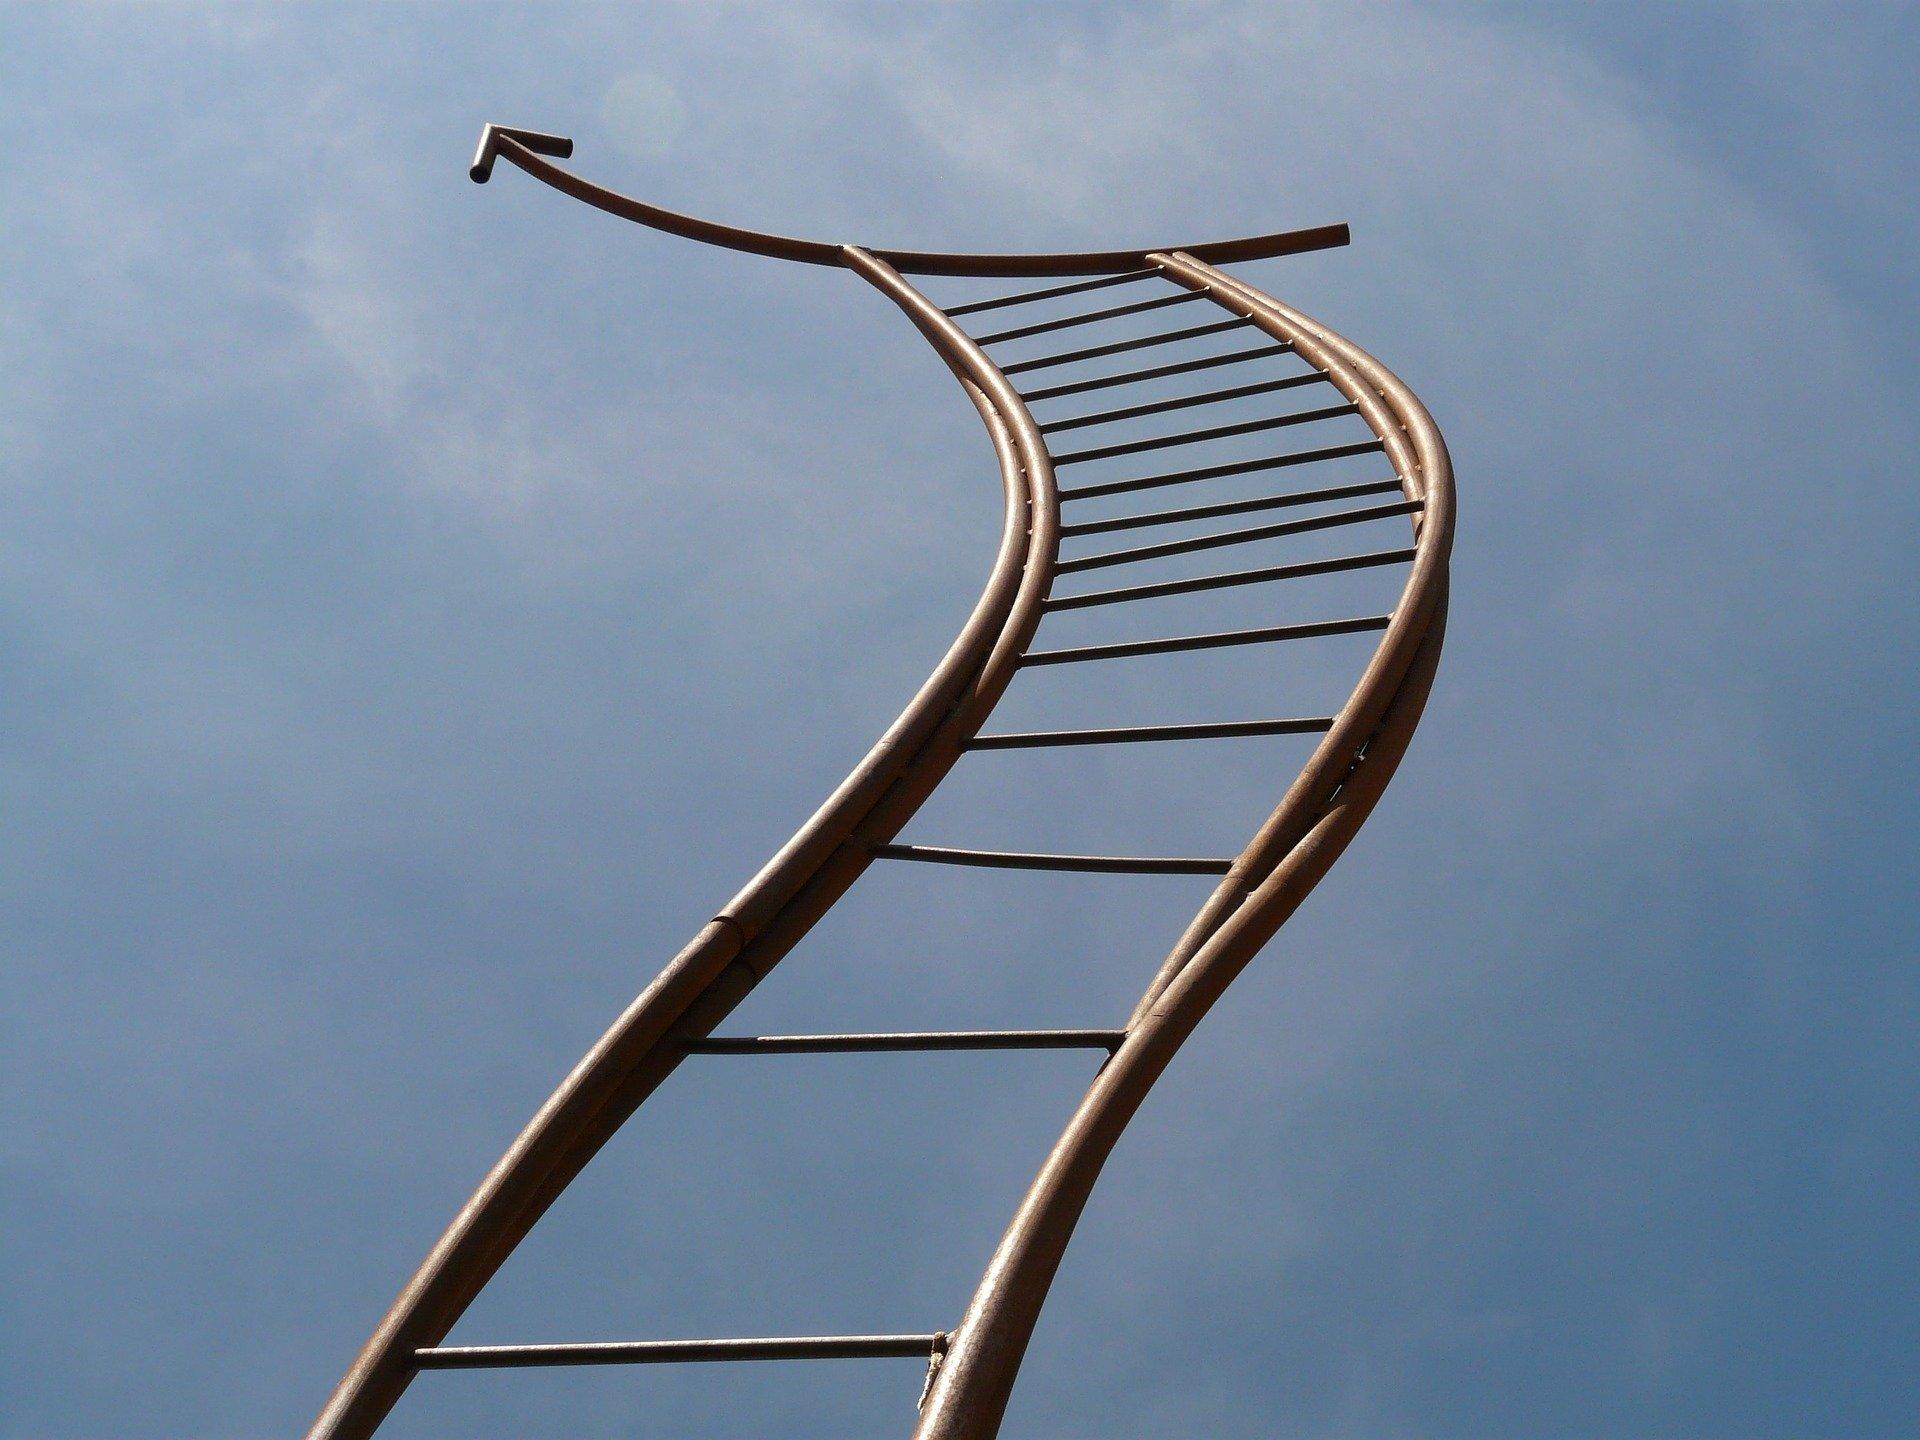 Zum Glücklichsein gibt es keinen Schlüssel, nur eine Leiter